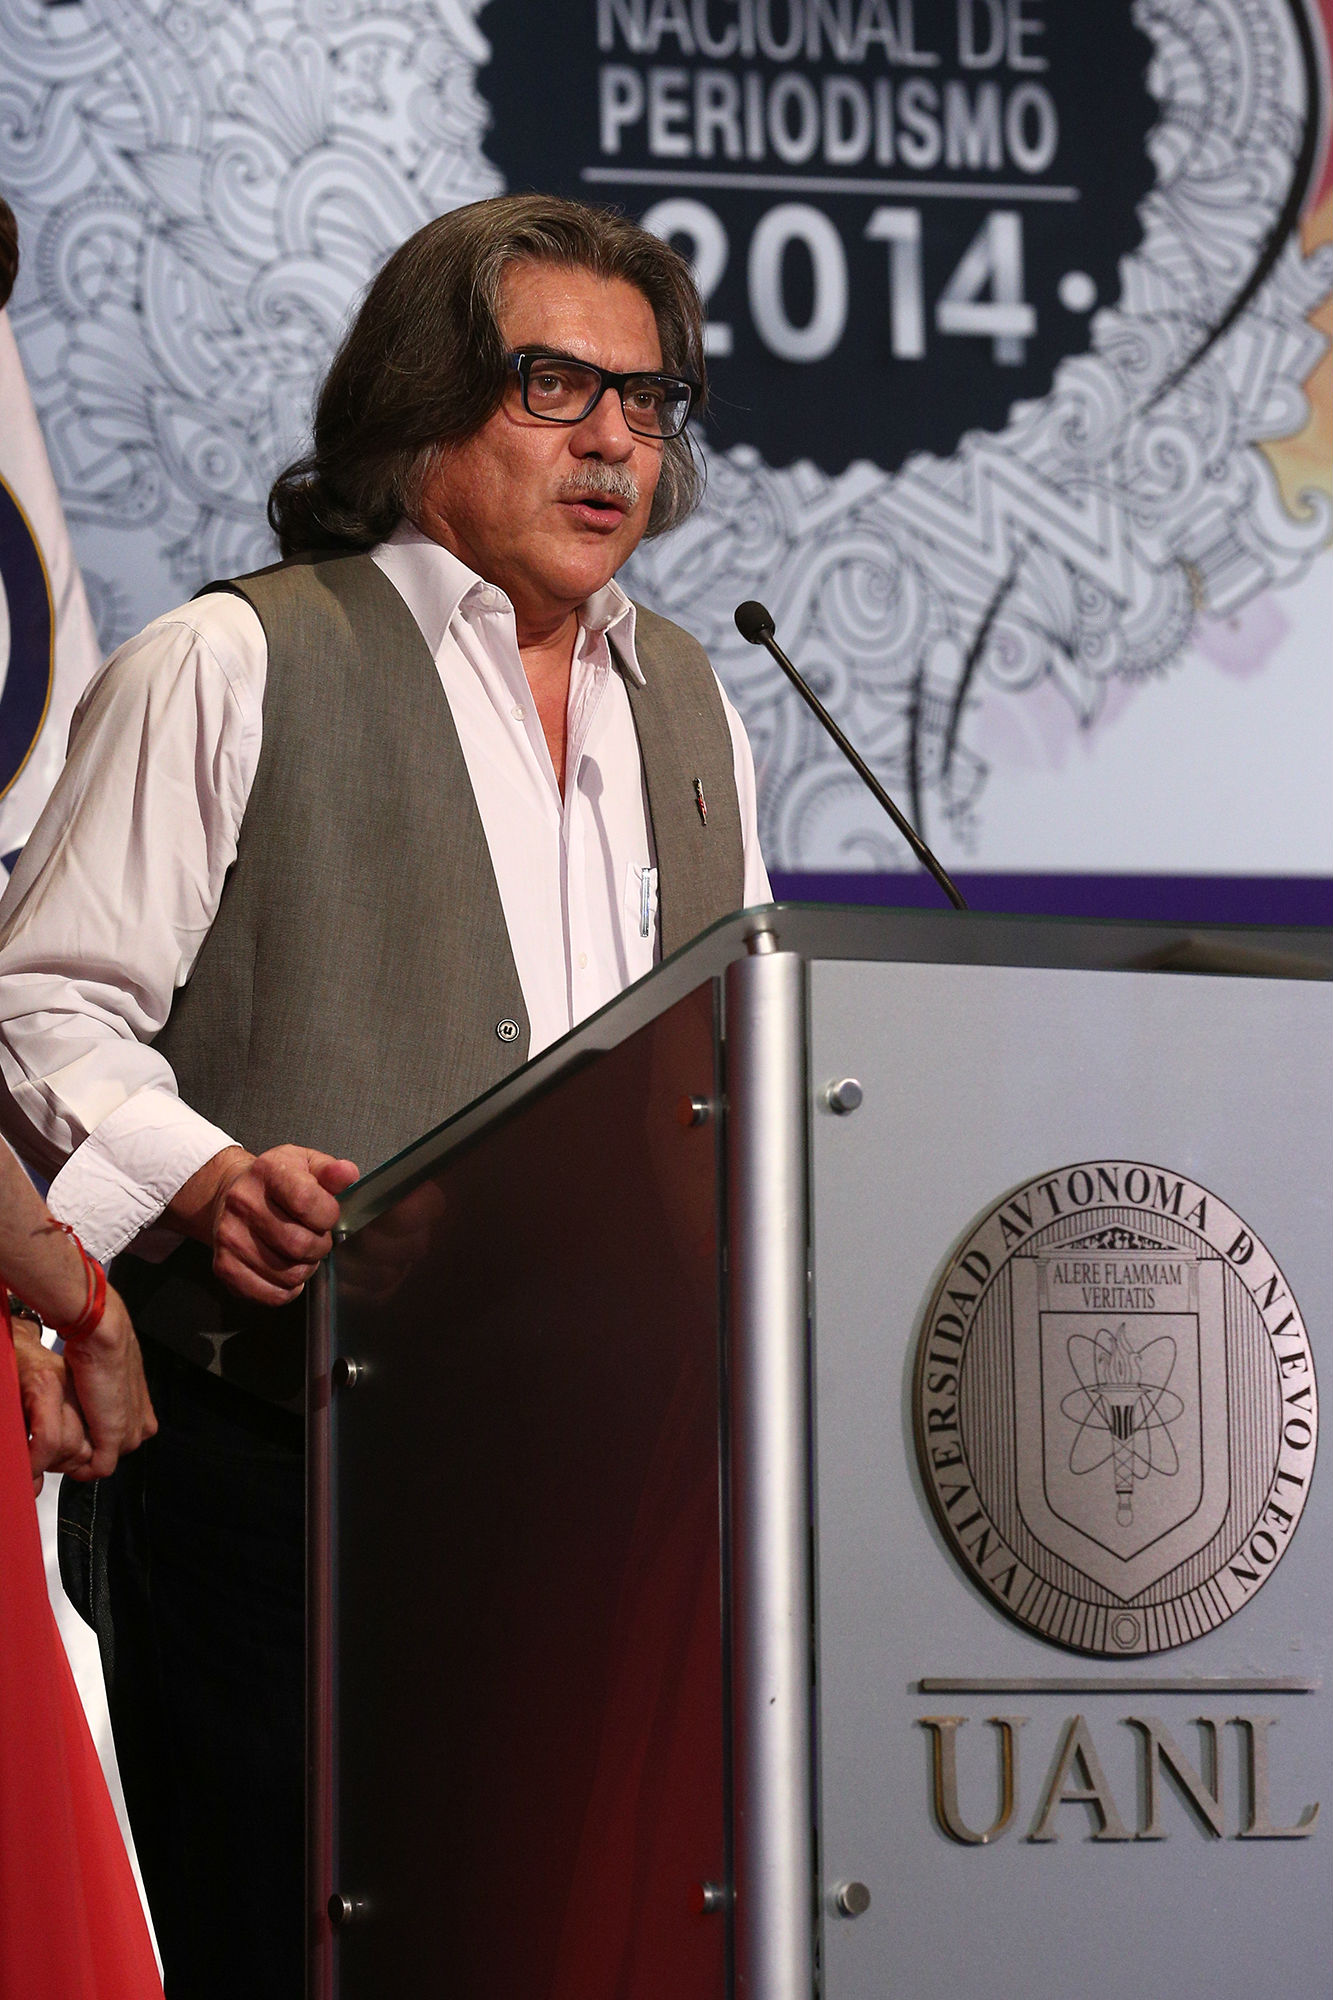 Manuel Falcón, Presidente del Jurado del Consejo Ciudadano del Premio Nacional e Periodismo